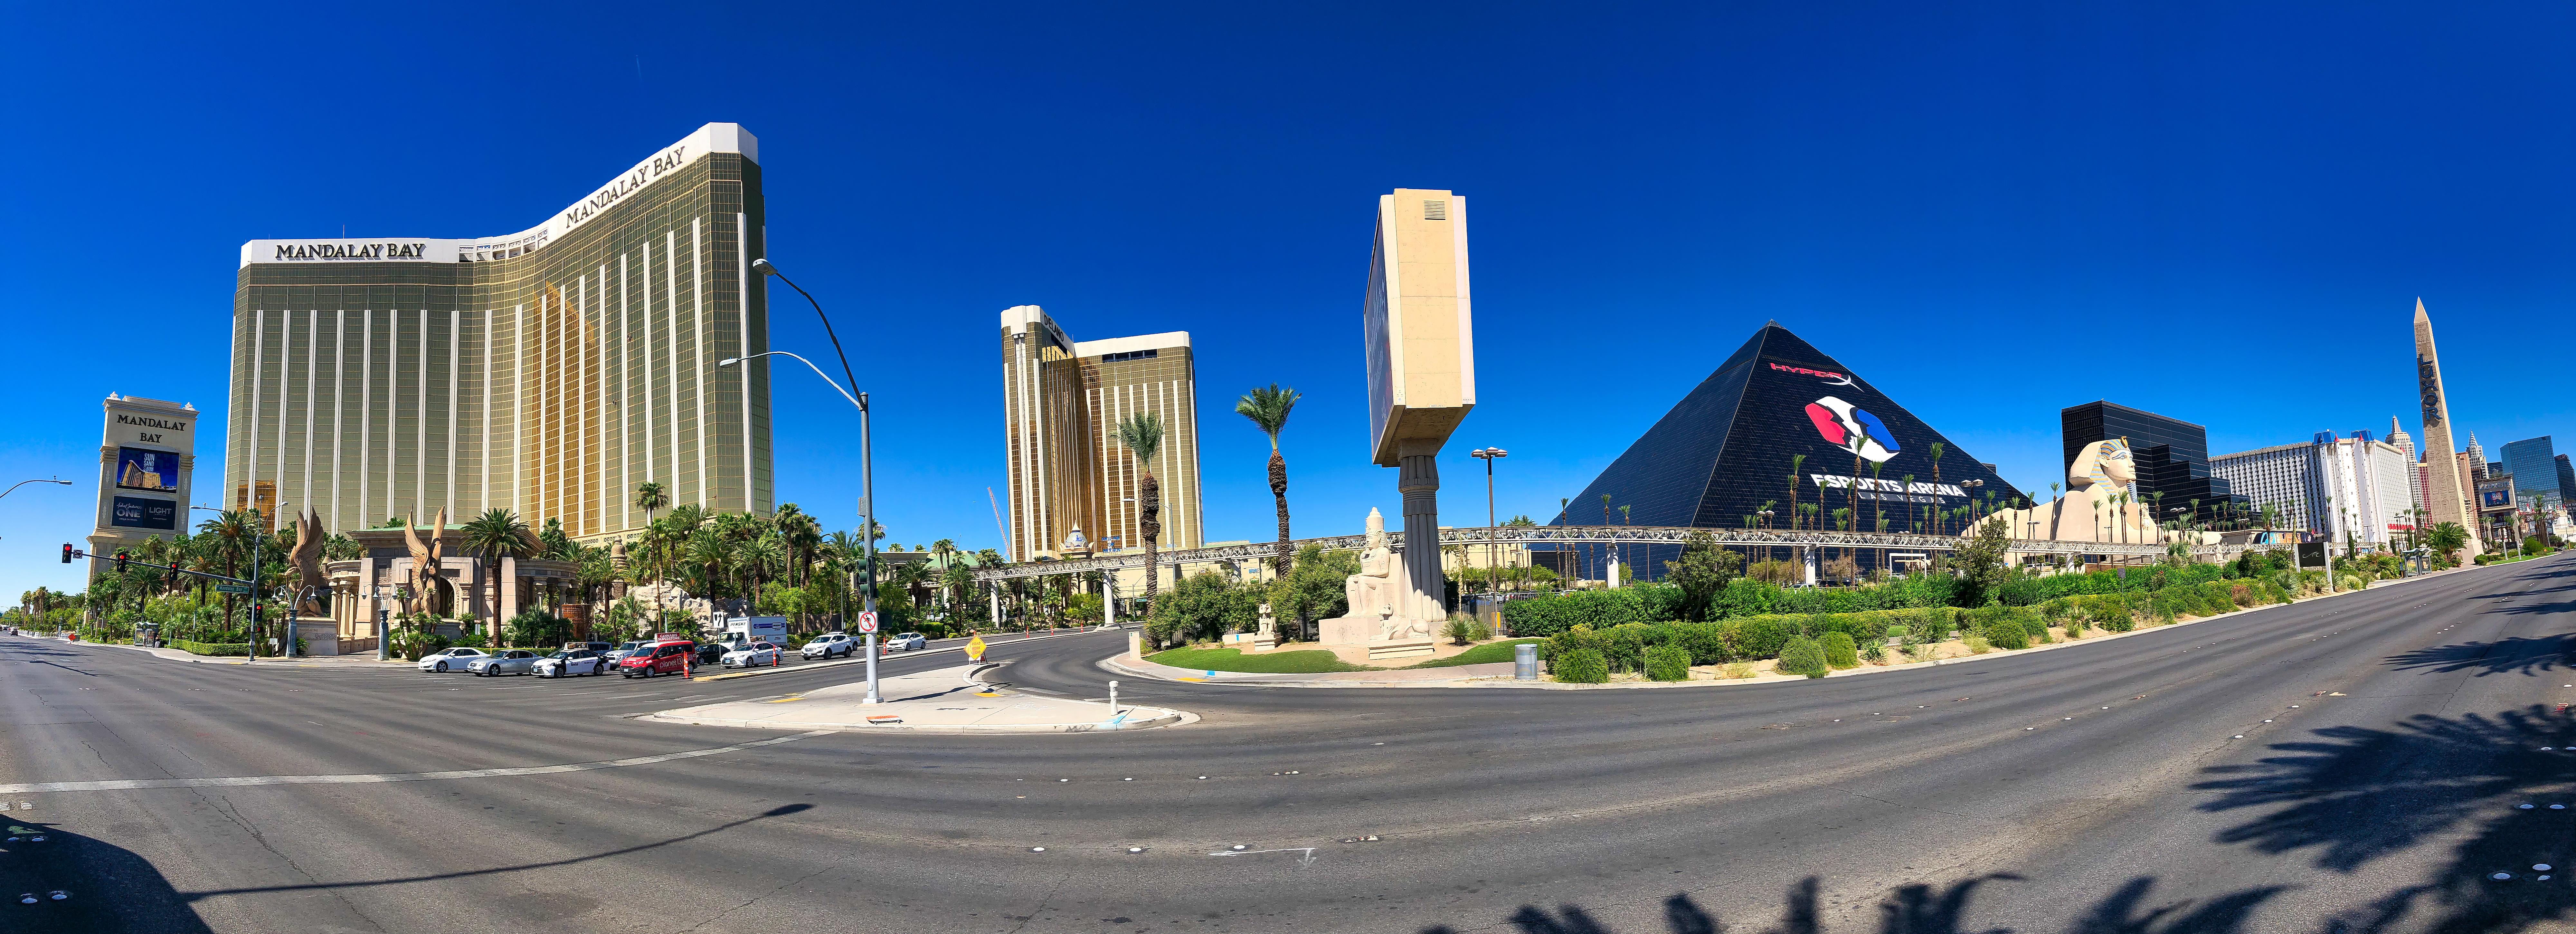 Three towers of casinos on the Las Vegas Strip